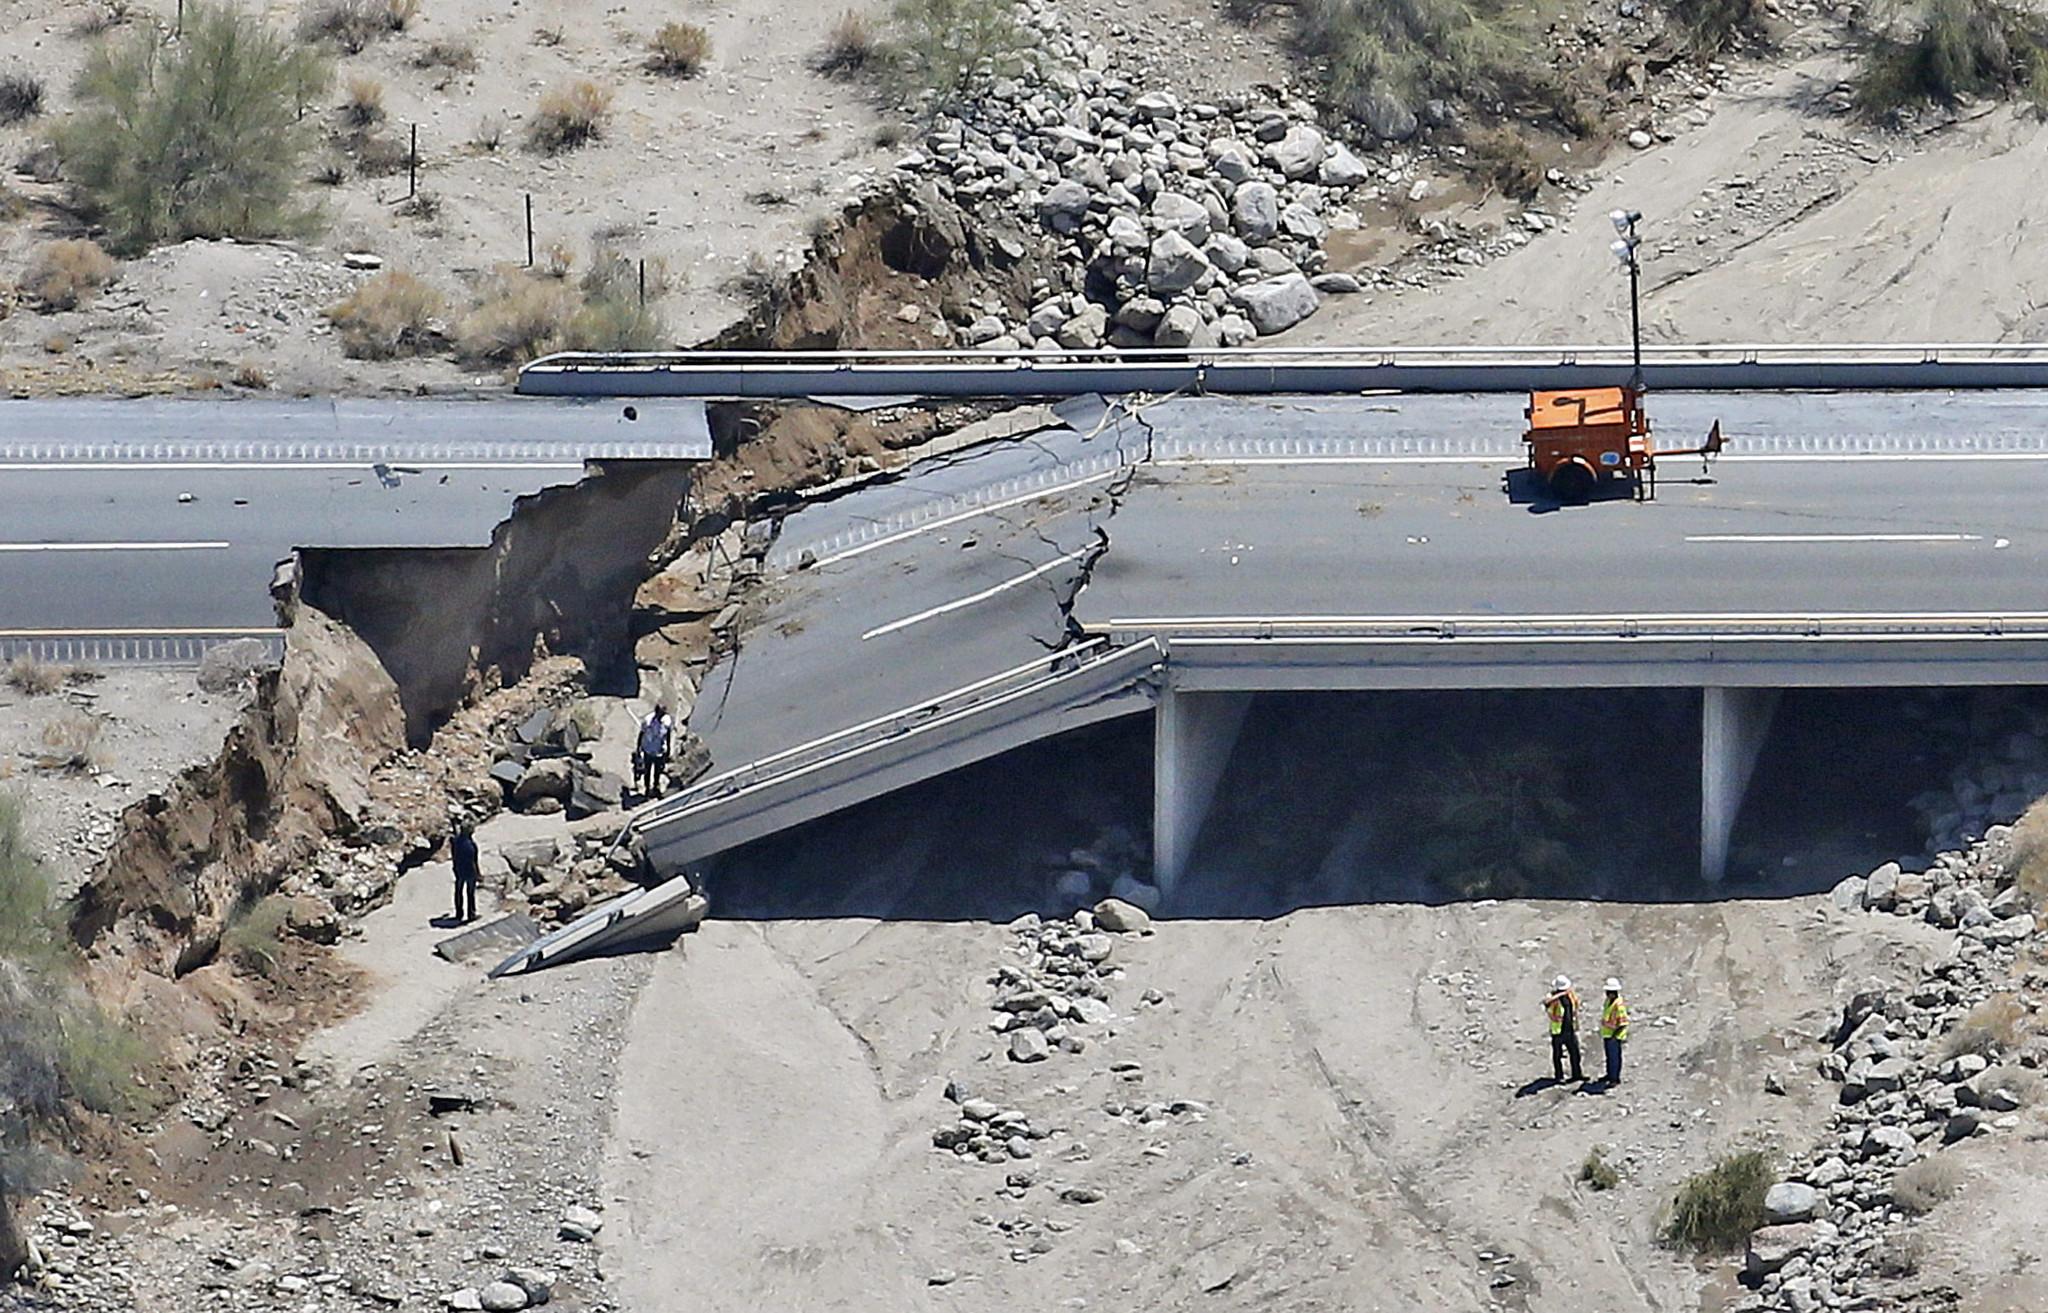 I 10 Bridge Collapse Delays Truckers La Times